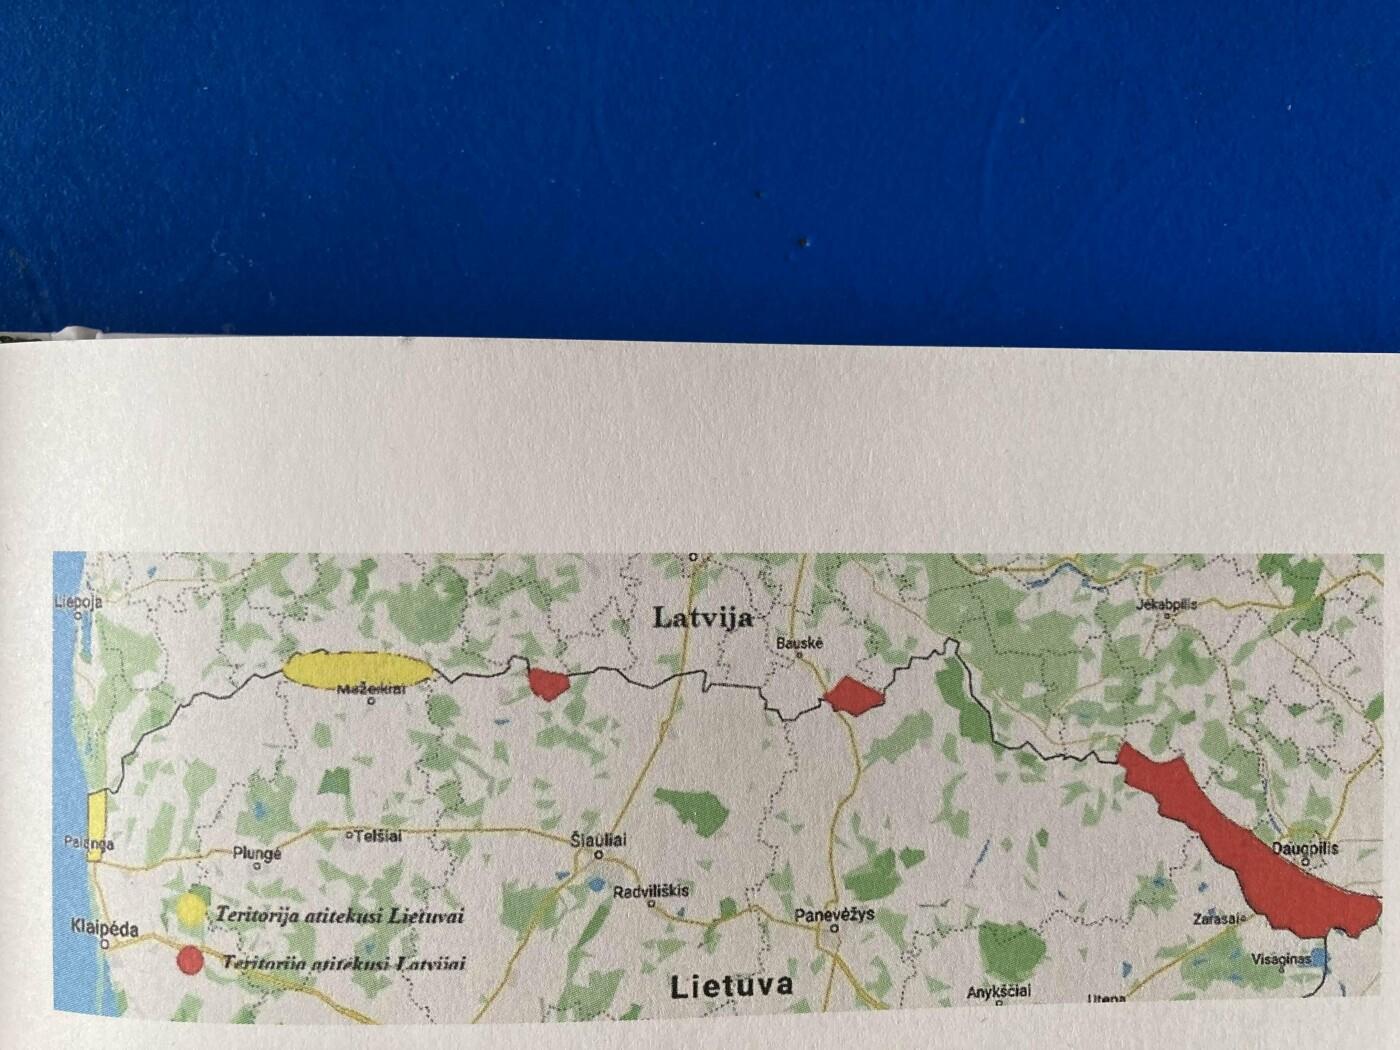 1921 m. teritorinių mainų tarp Lietuvos ir Latvijos žemėlapis. Geltona spalva nudažyta teritorija, atitekusi Lietuvai, raudona spalva – Latvijai. N...